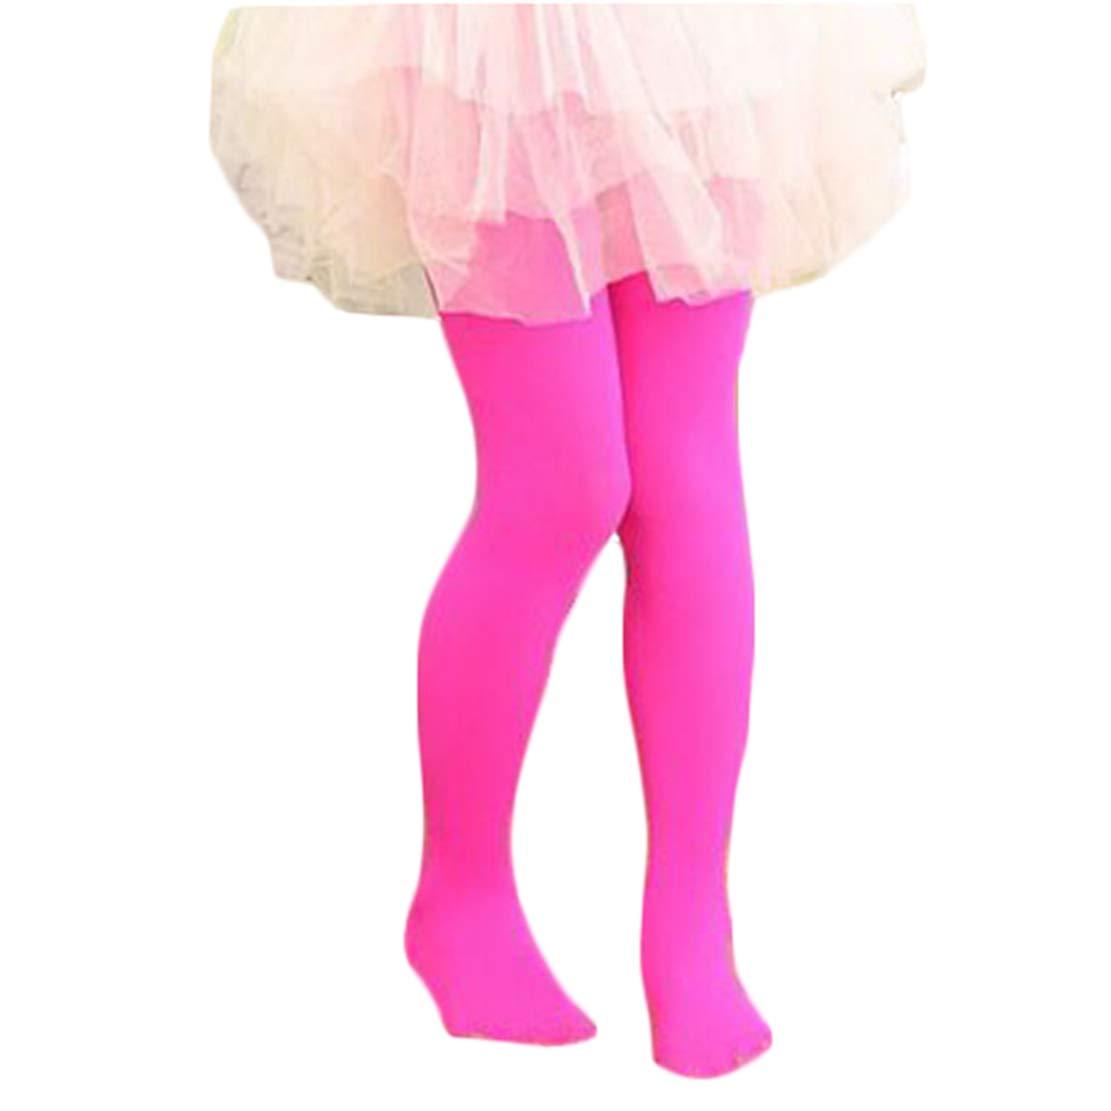 mama stadt 2PCS Medias Mallas para Ni/ñas Legging Pantalones El/ásticas Leotardos 80 Deniers 13 Colores